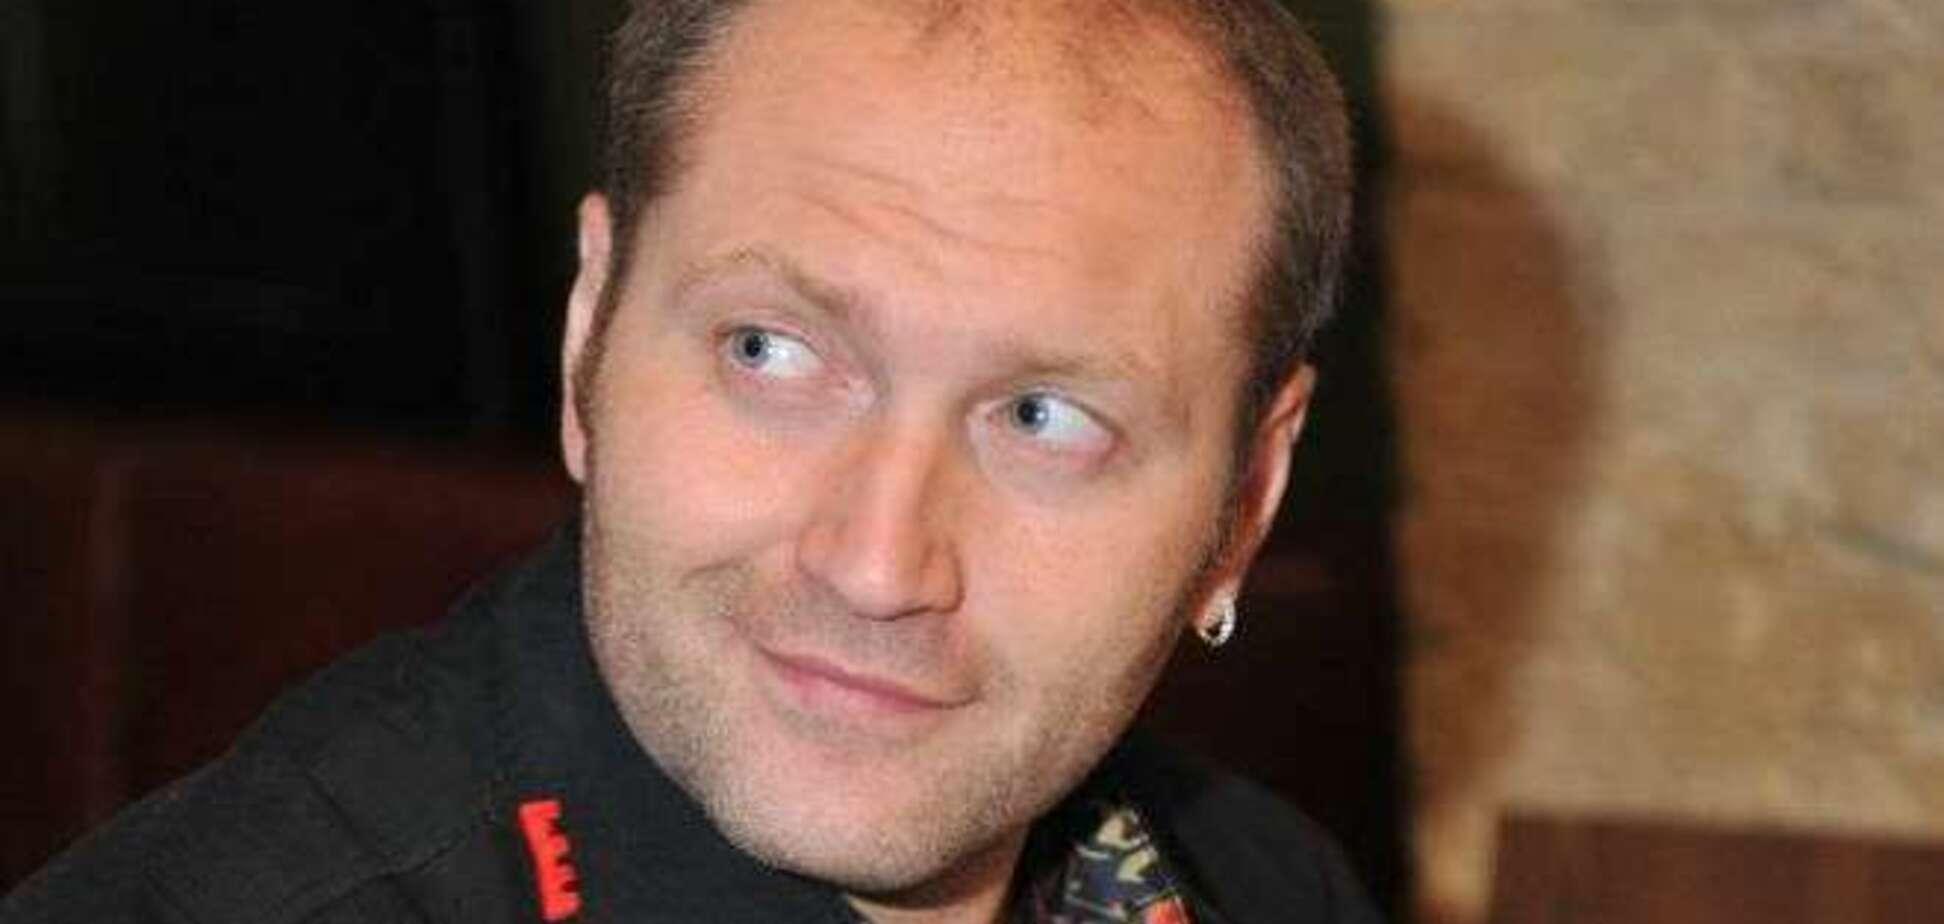 Нардеп Борислав Береза сделал предложение своей жене на втором свидании